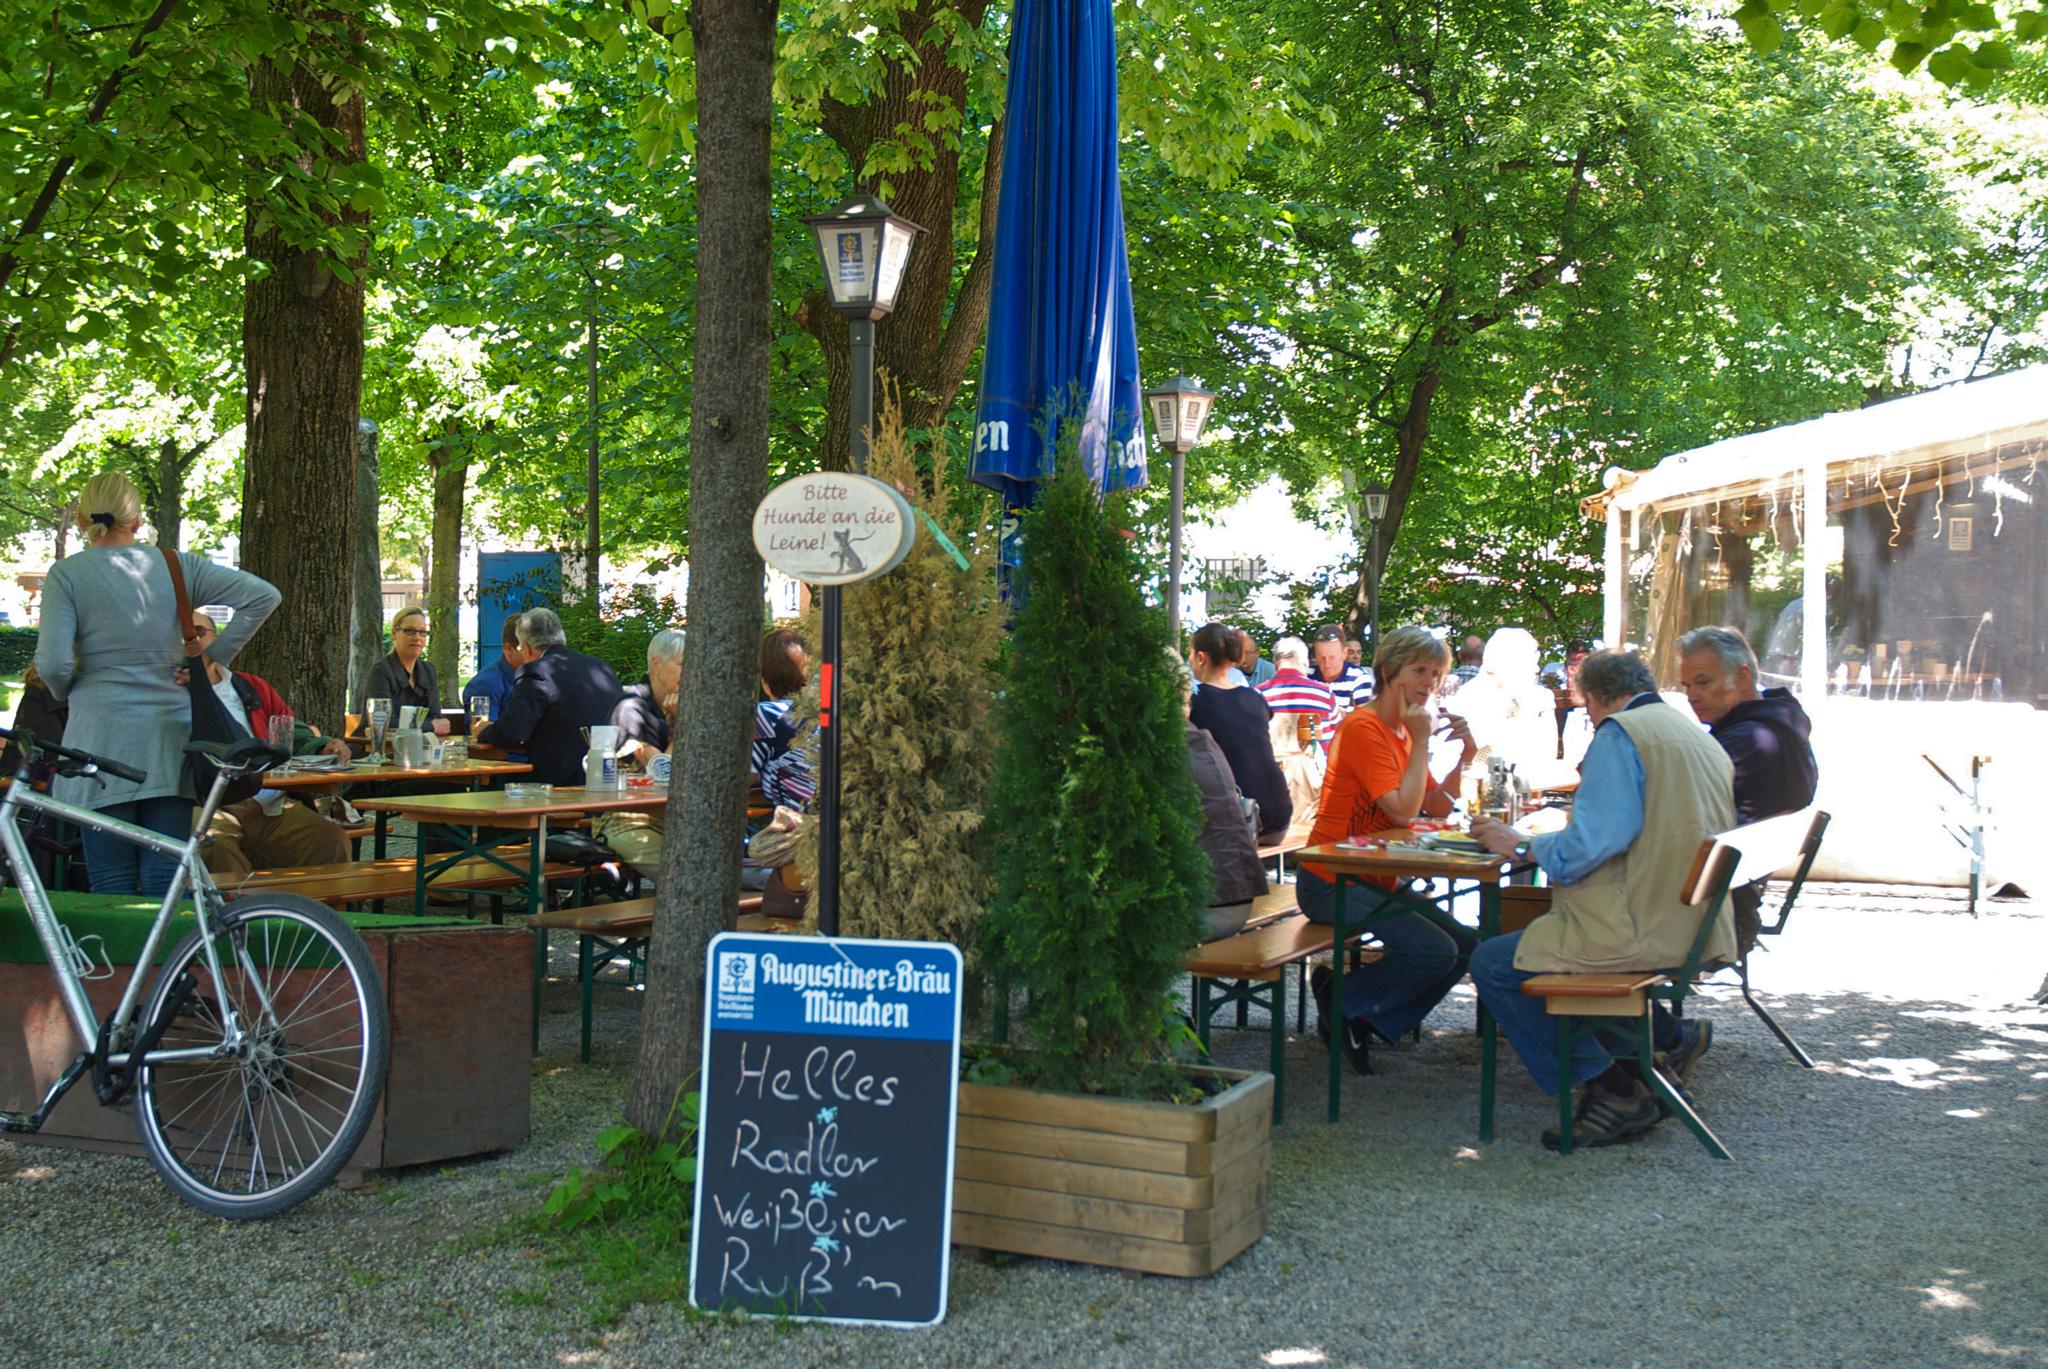 Oase der Ruhe in Schwabing – Der Biergarten am Elisabethplatz